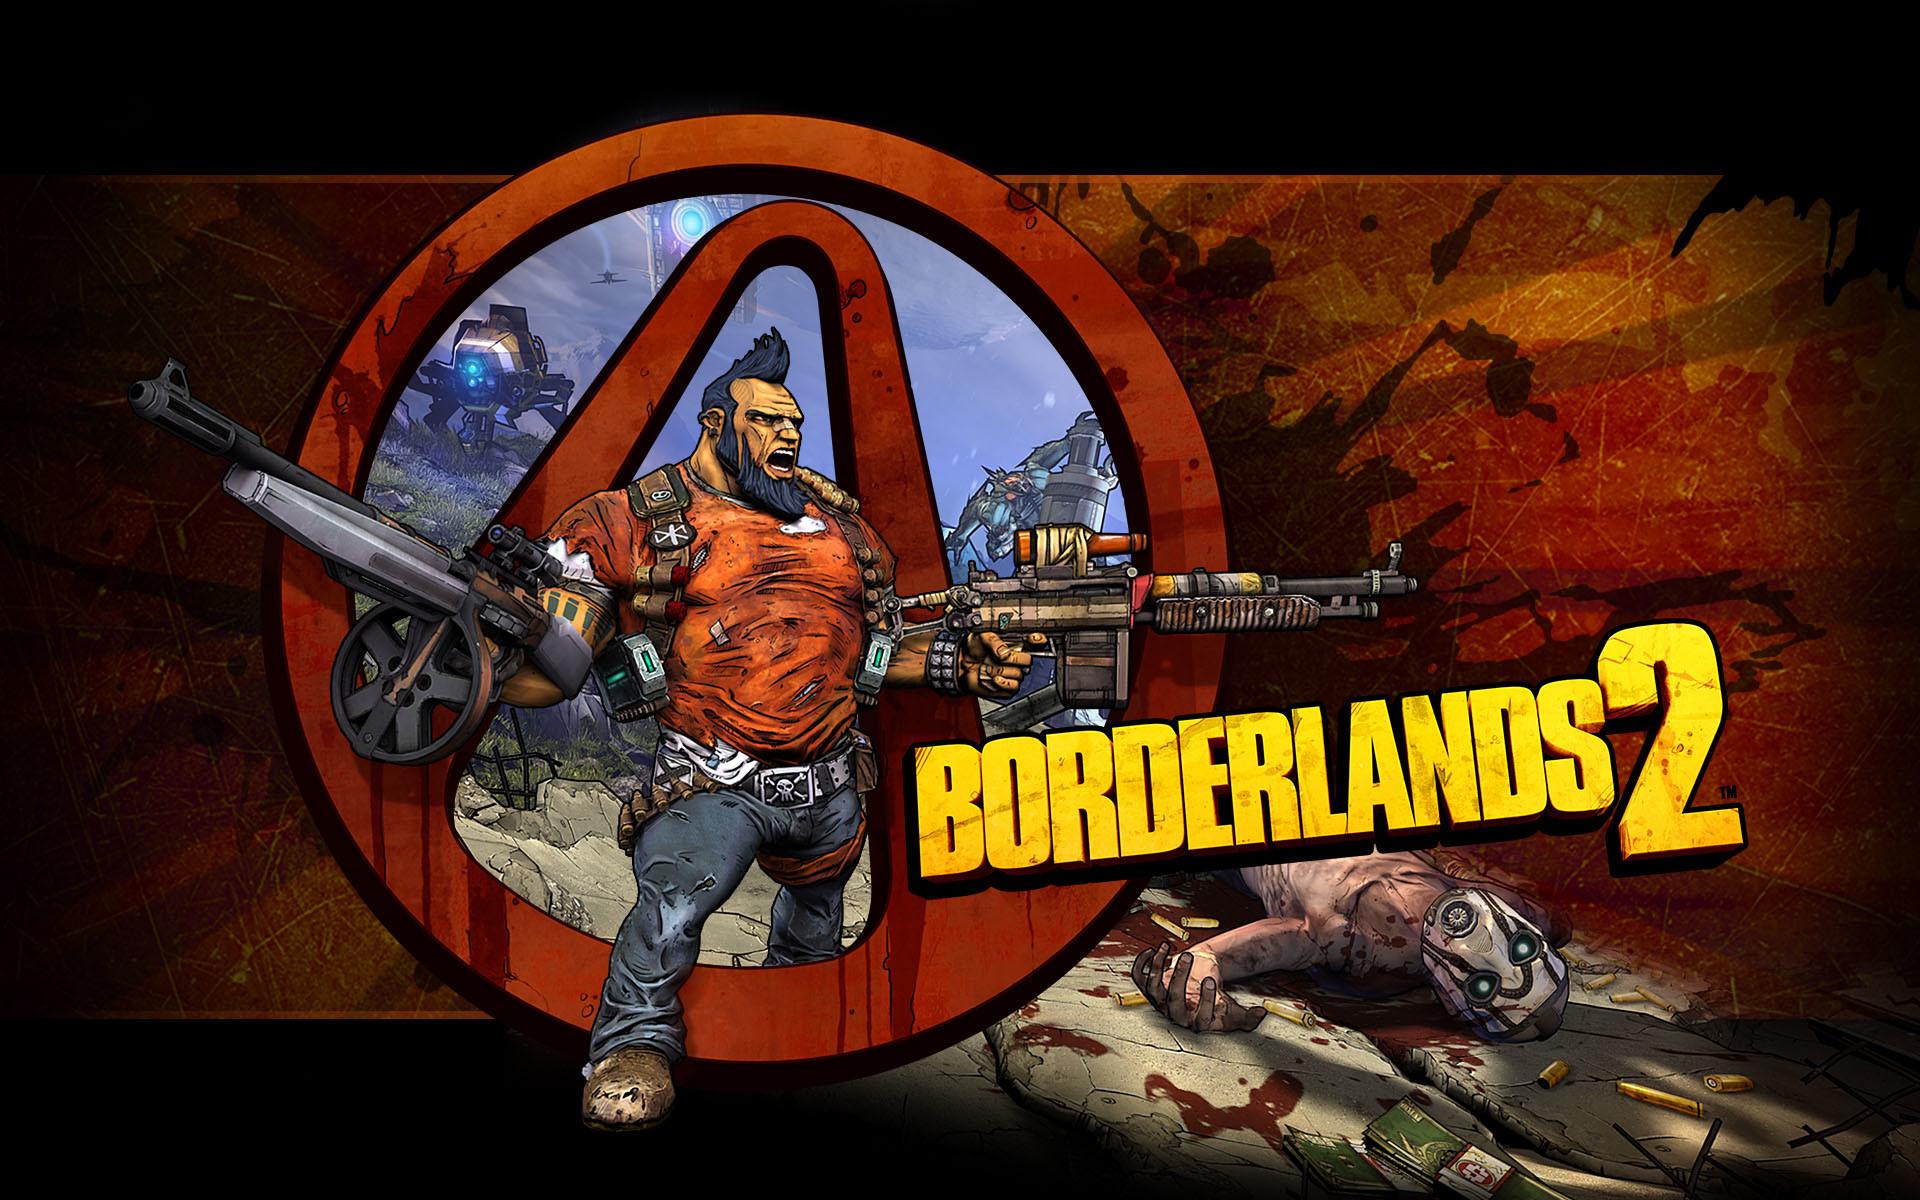 Borderlands Iphone Wallpaper Borderlands 2 Iphone 4